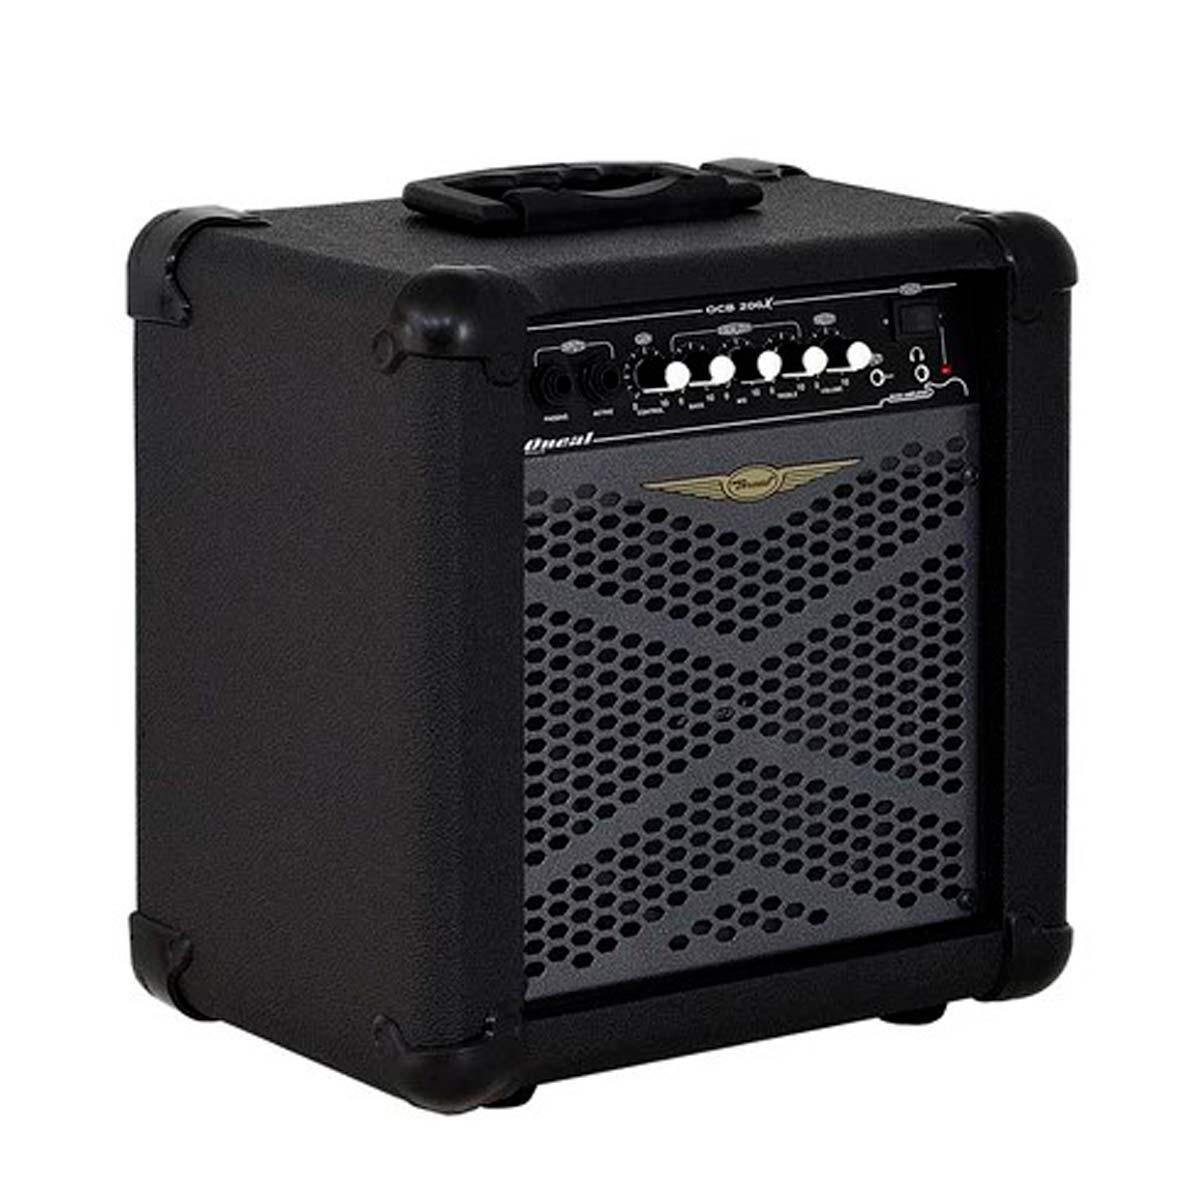 Cubo Amplificador P/ Contrabaixo Oneal OCB 206X 30Wrms